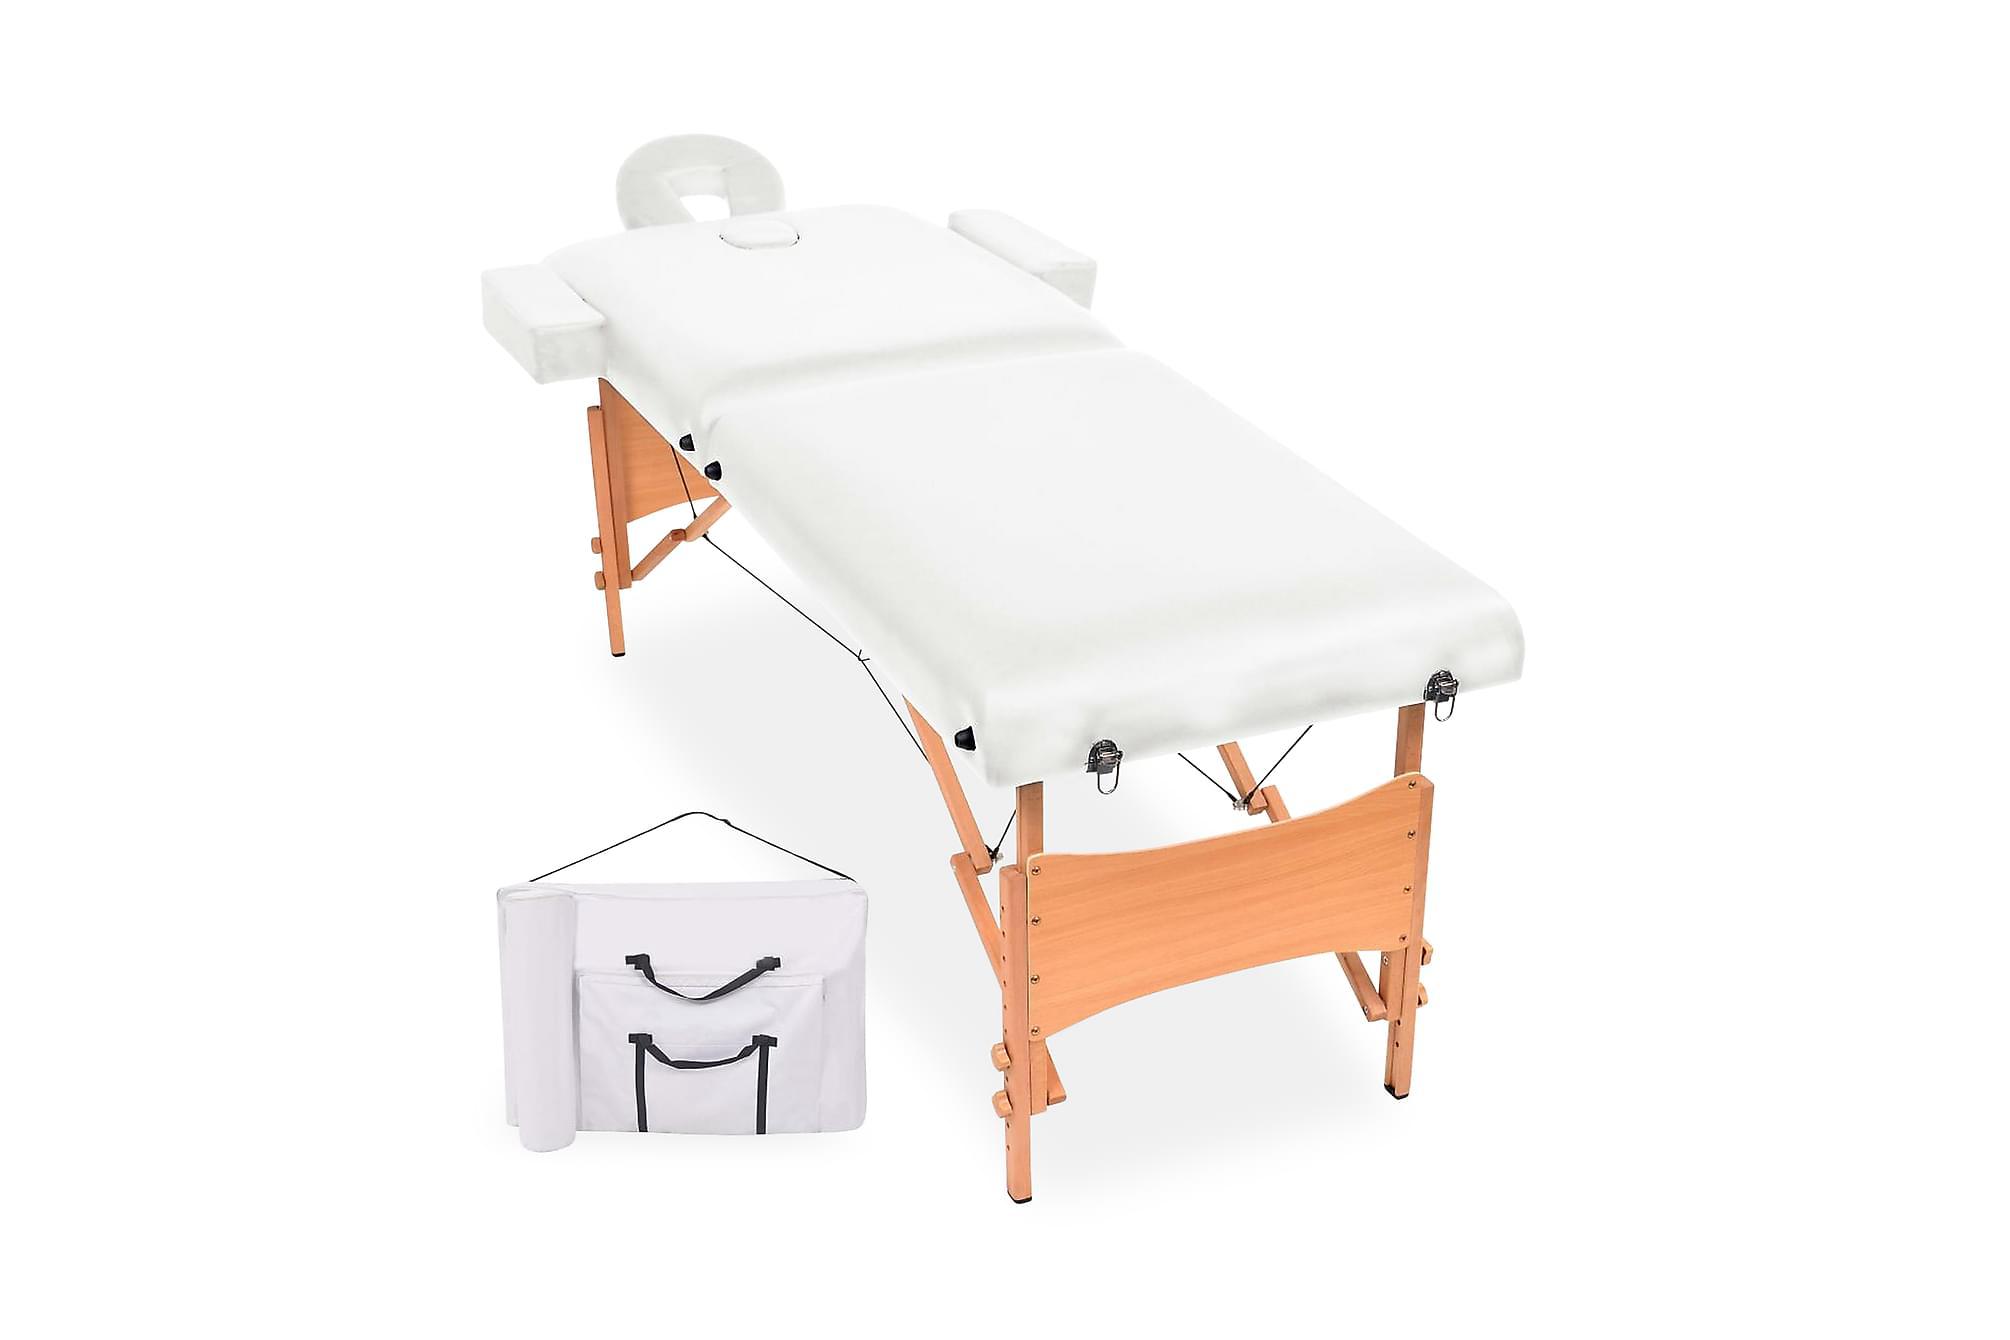 Hopfällbar massagebänk 2 sektioner 10 cm tjock vit